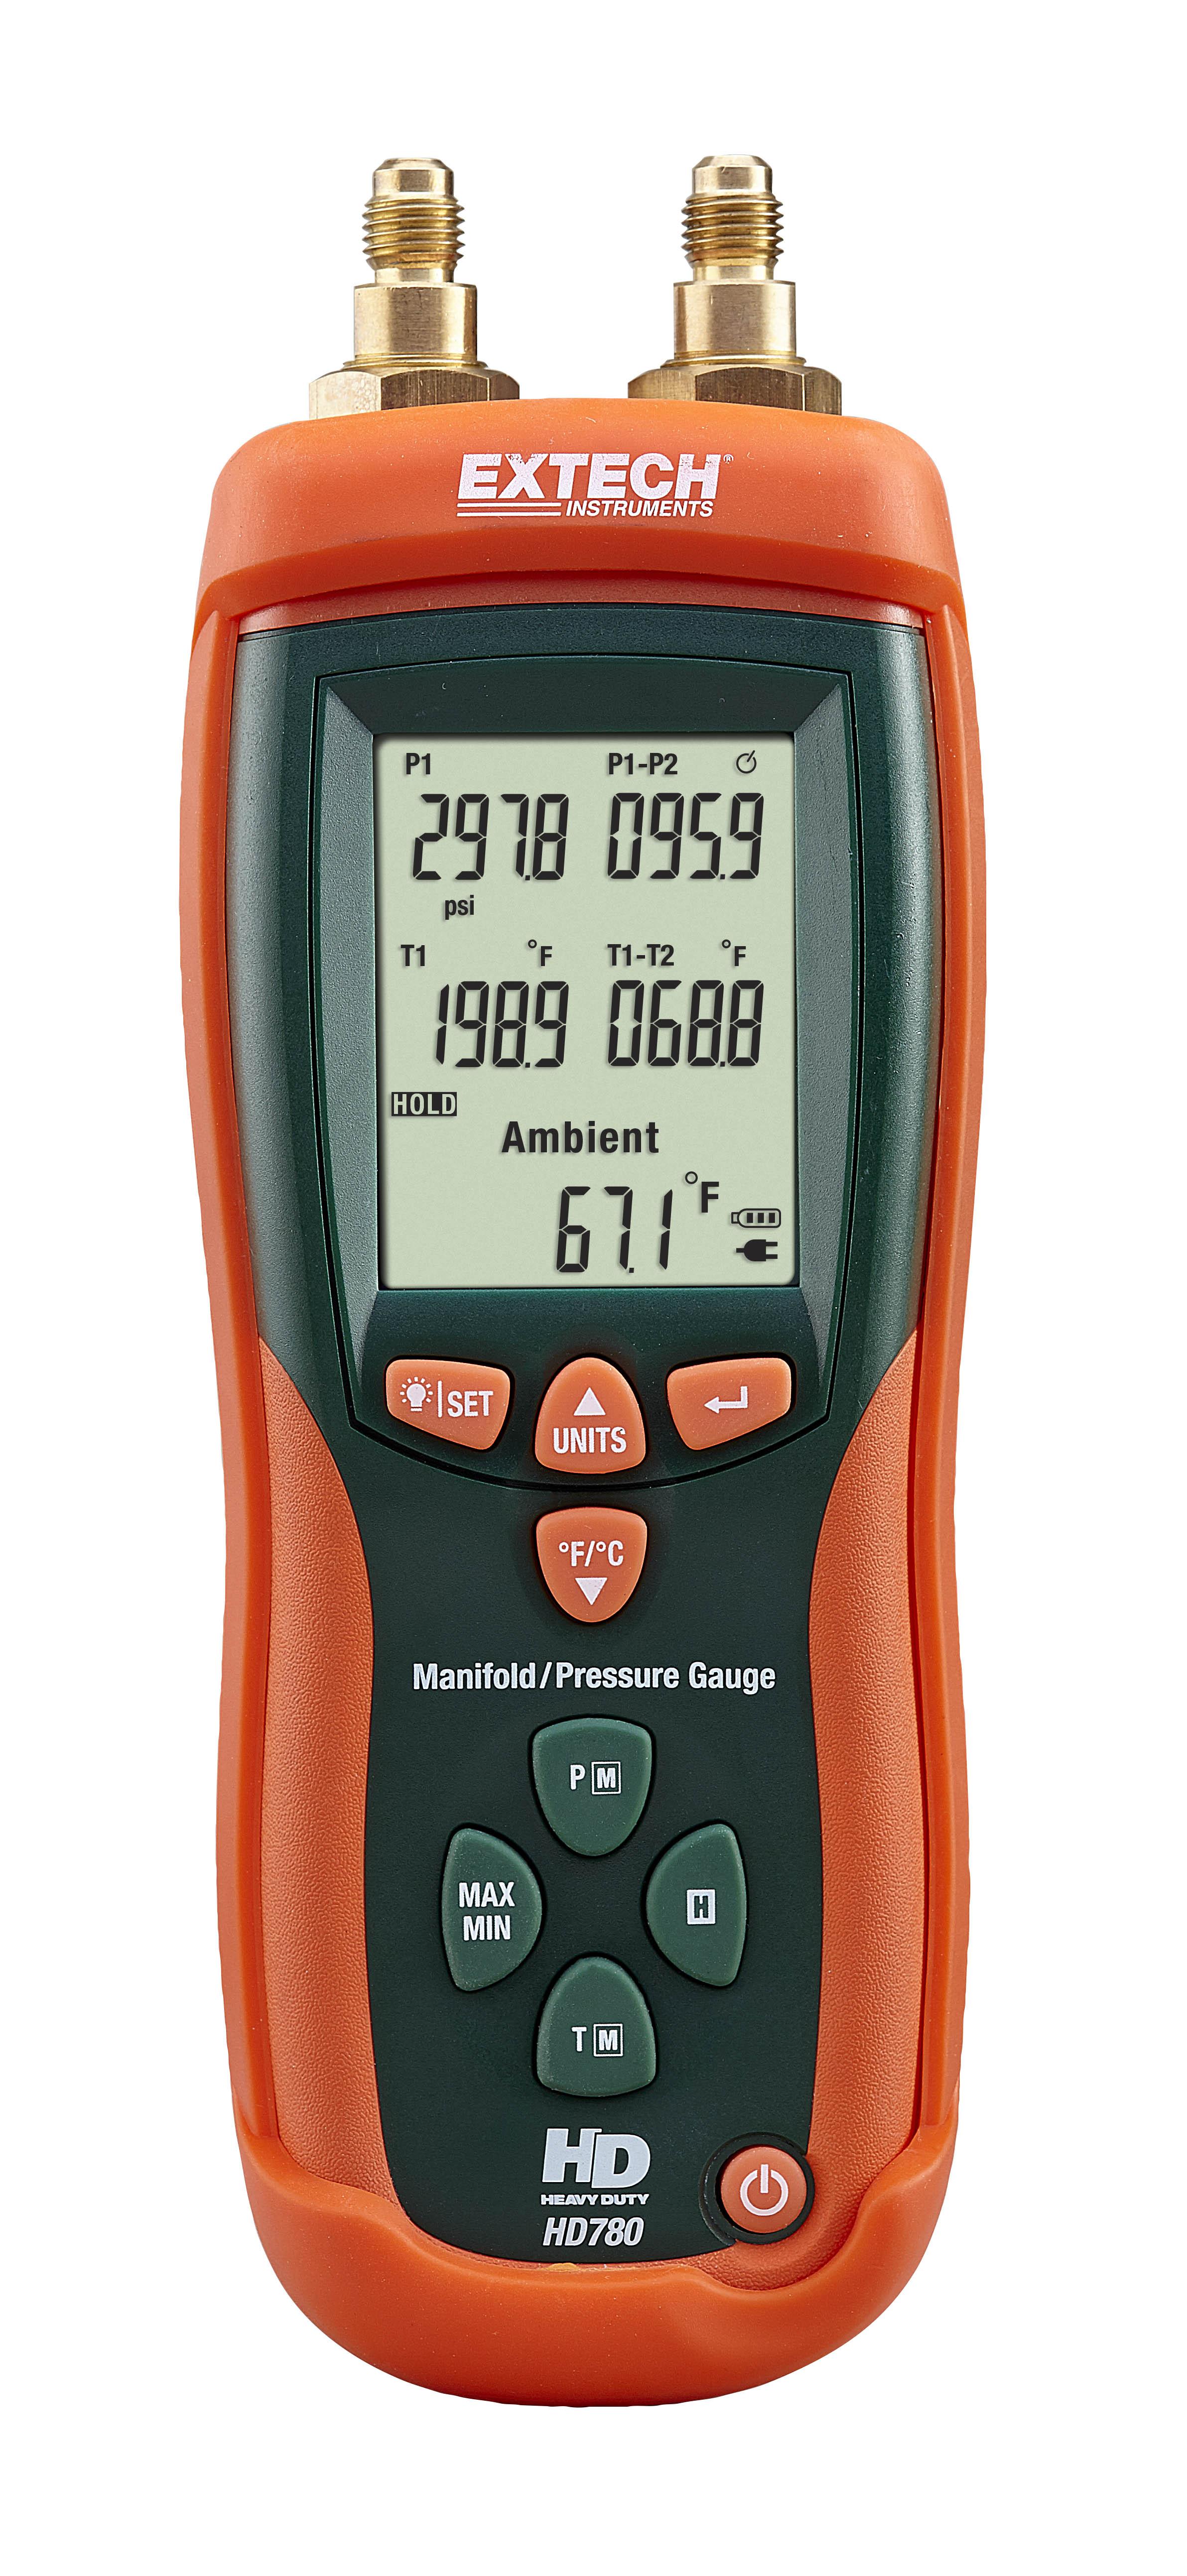 Extech HD780 Digital Manifold/Pressure Gauge